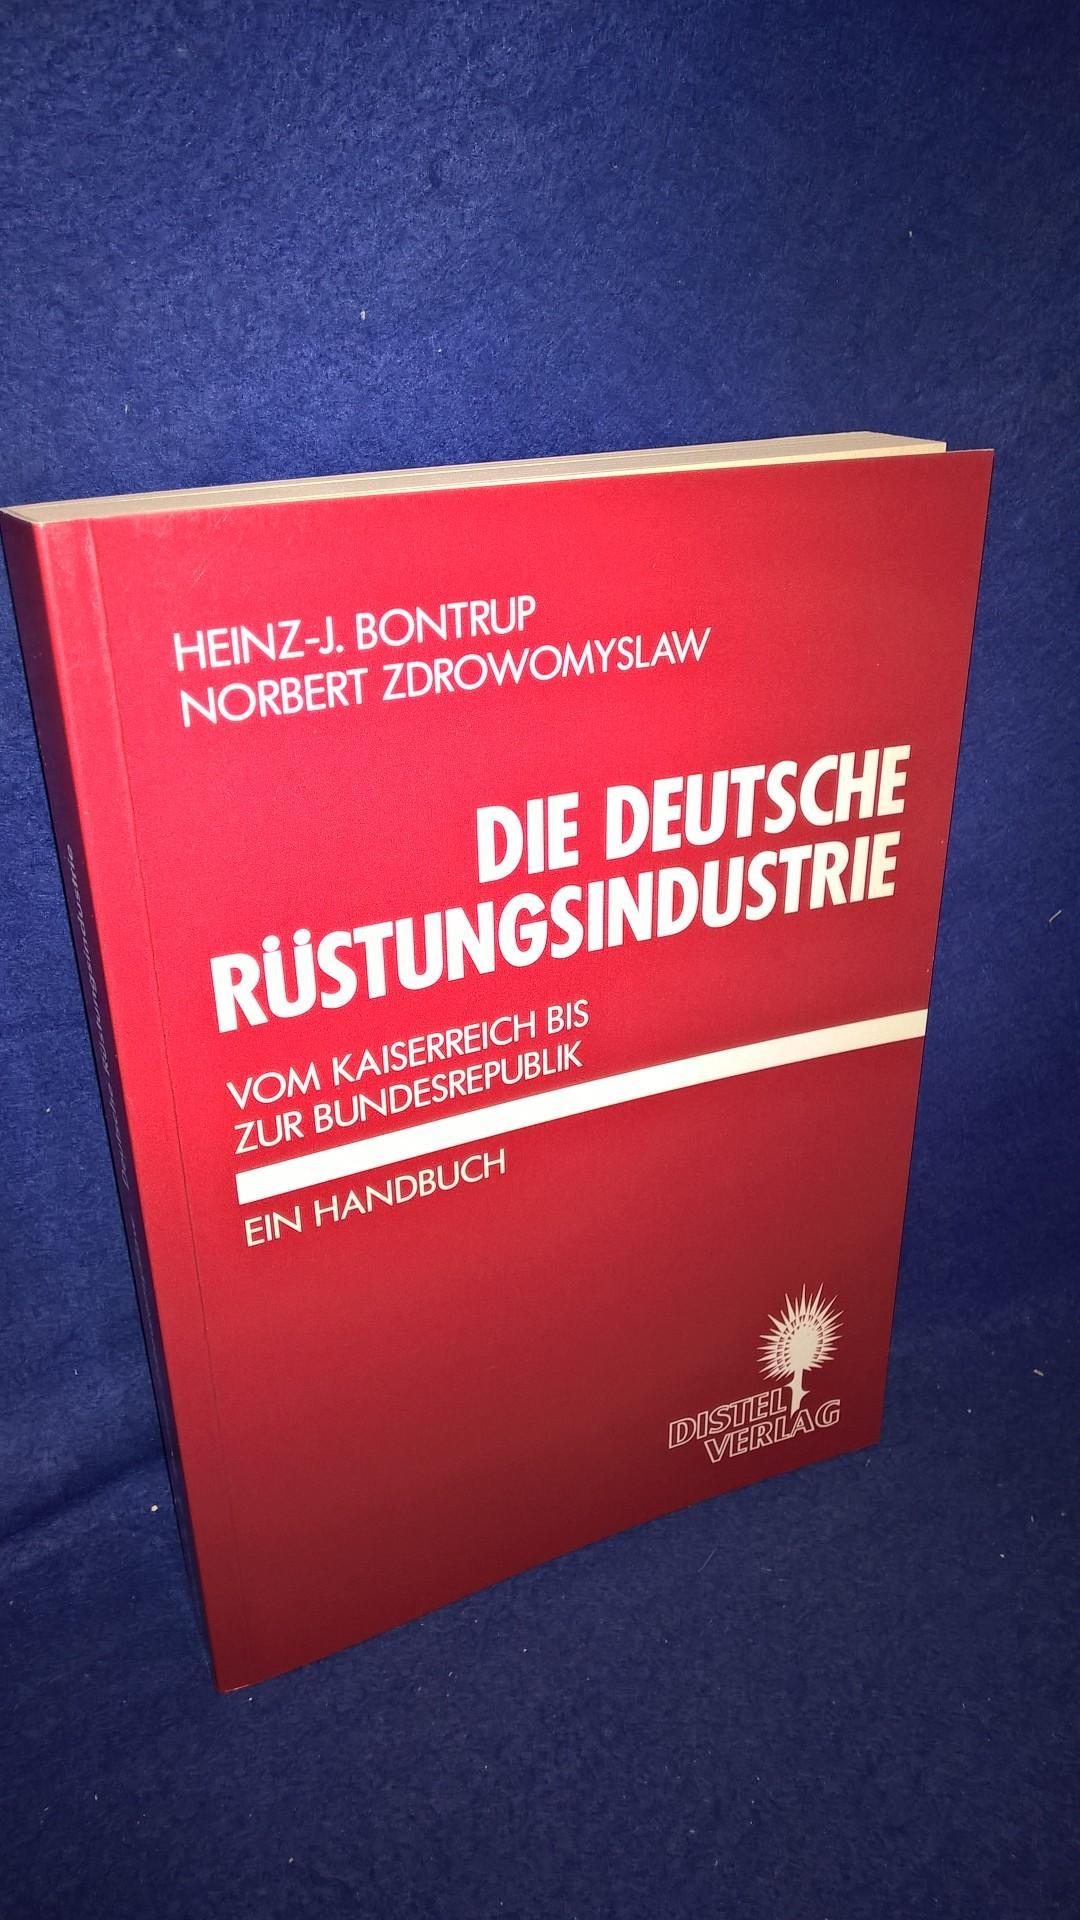 Die deutsche Rüstungsindustrie - Vom Kaiserreich bis zur Bundesrepublik - Ein Handbuch